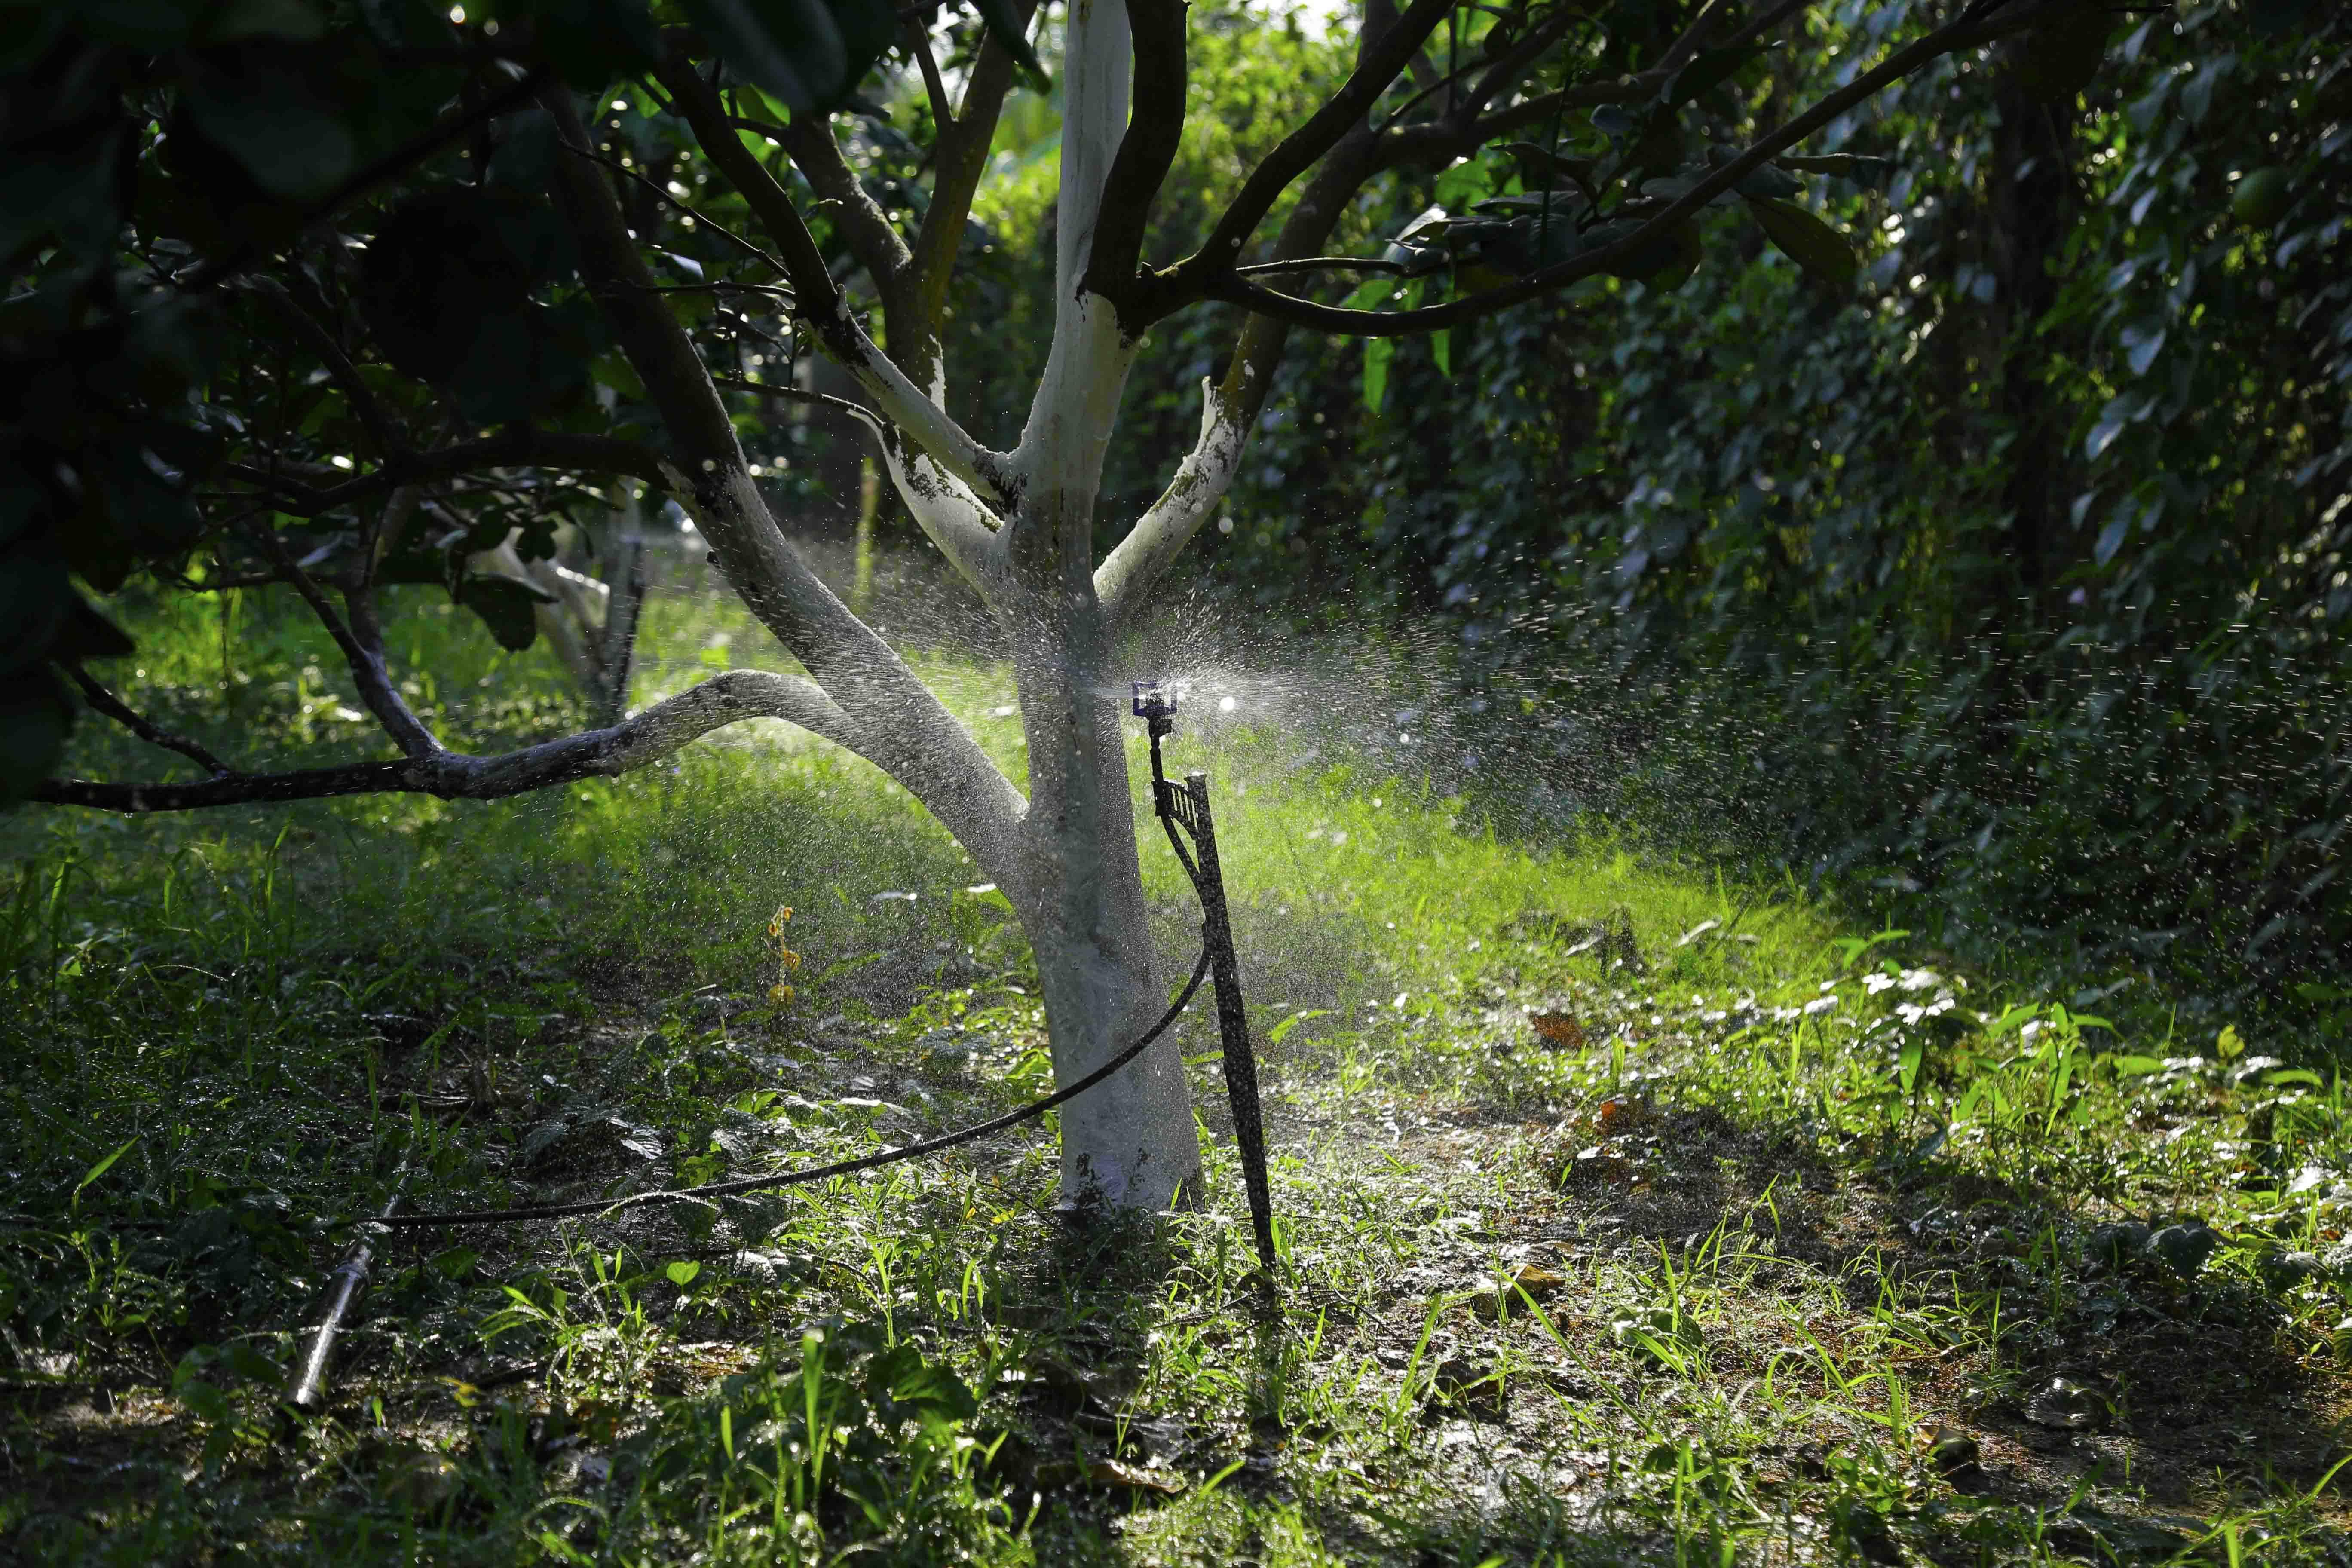 Béc tưới phun mưa BS5000 cho hạt rất đều và mịn từ trong ra ngoài